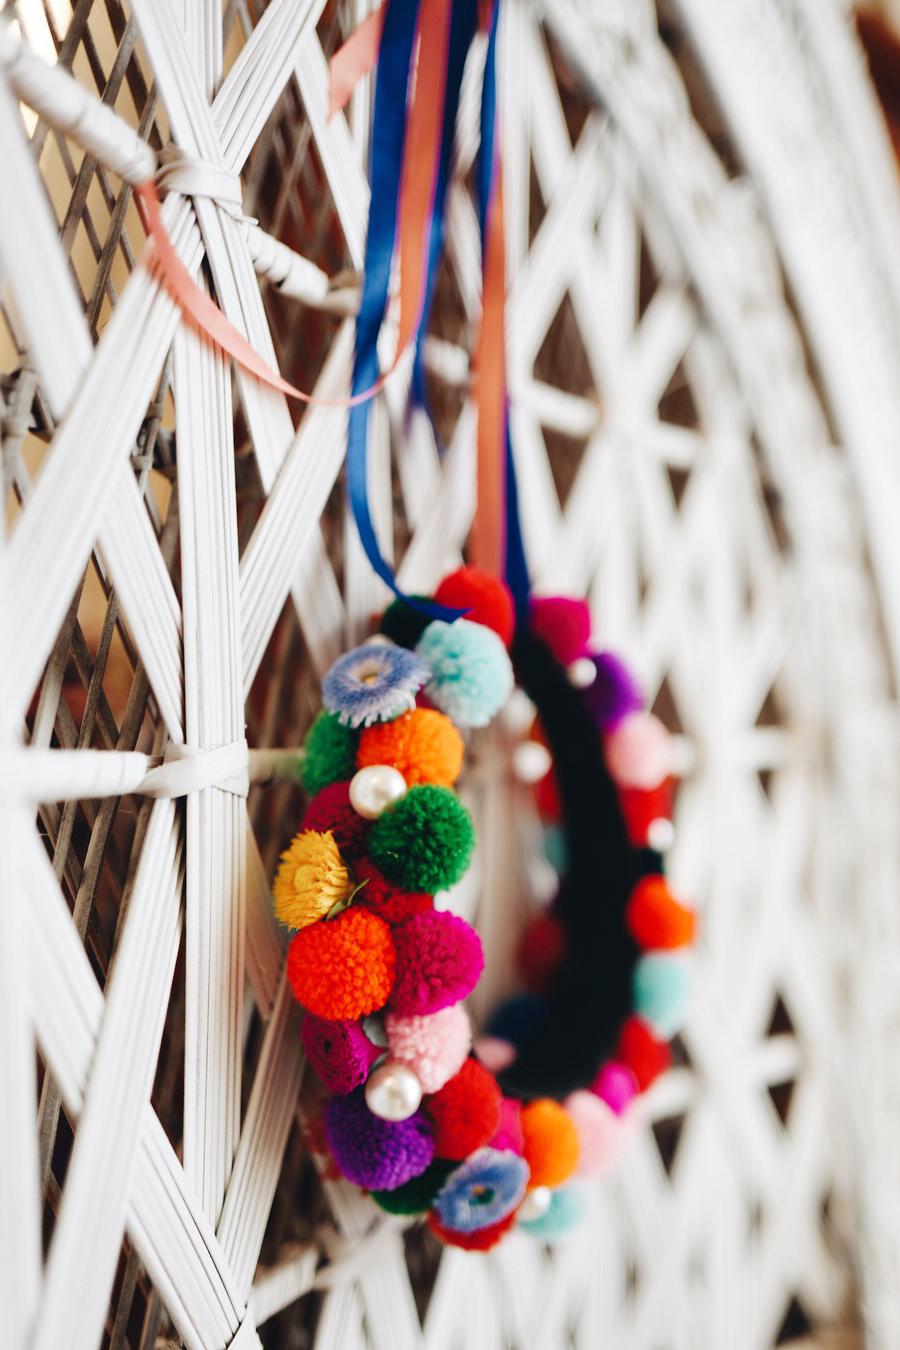 PomPom-Headpiece-WeAreFlowergirls-Coachella-Accessoire-Flowercrown.JPG